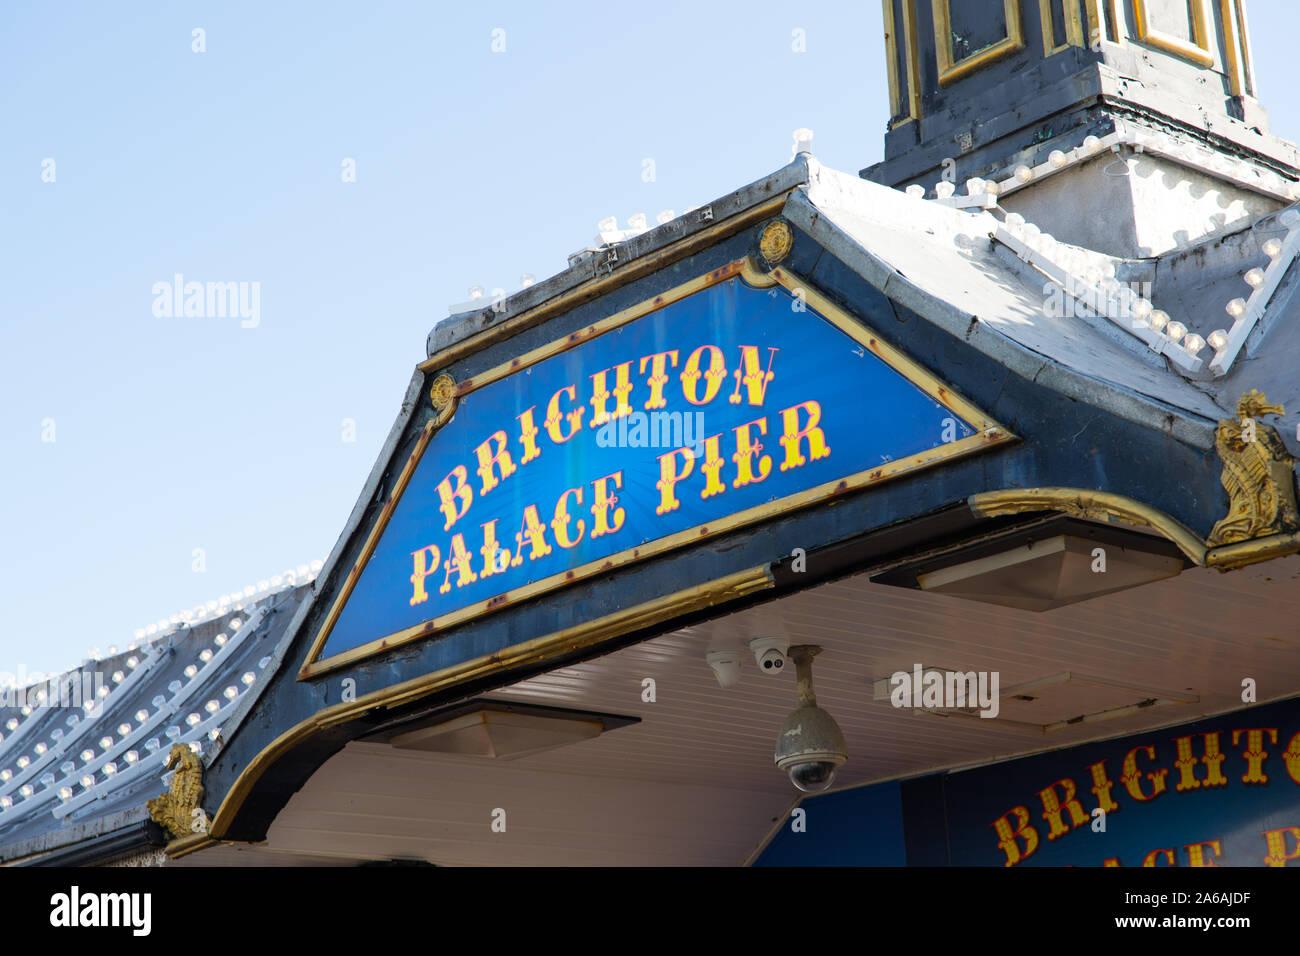 Parte anteriore del Brighton Palace Pier luna park - vedere Foto Stock